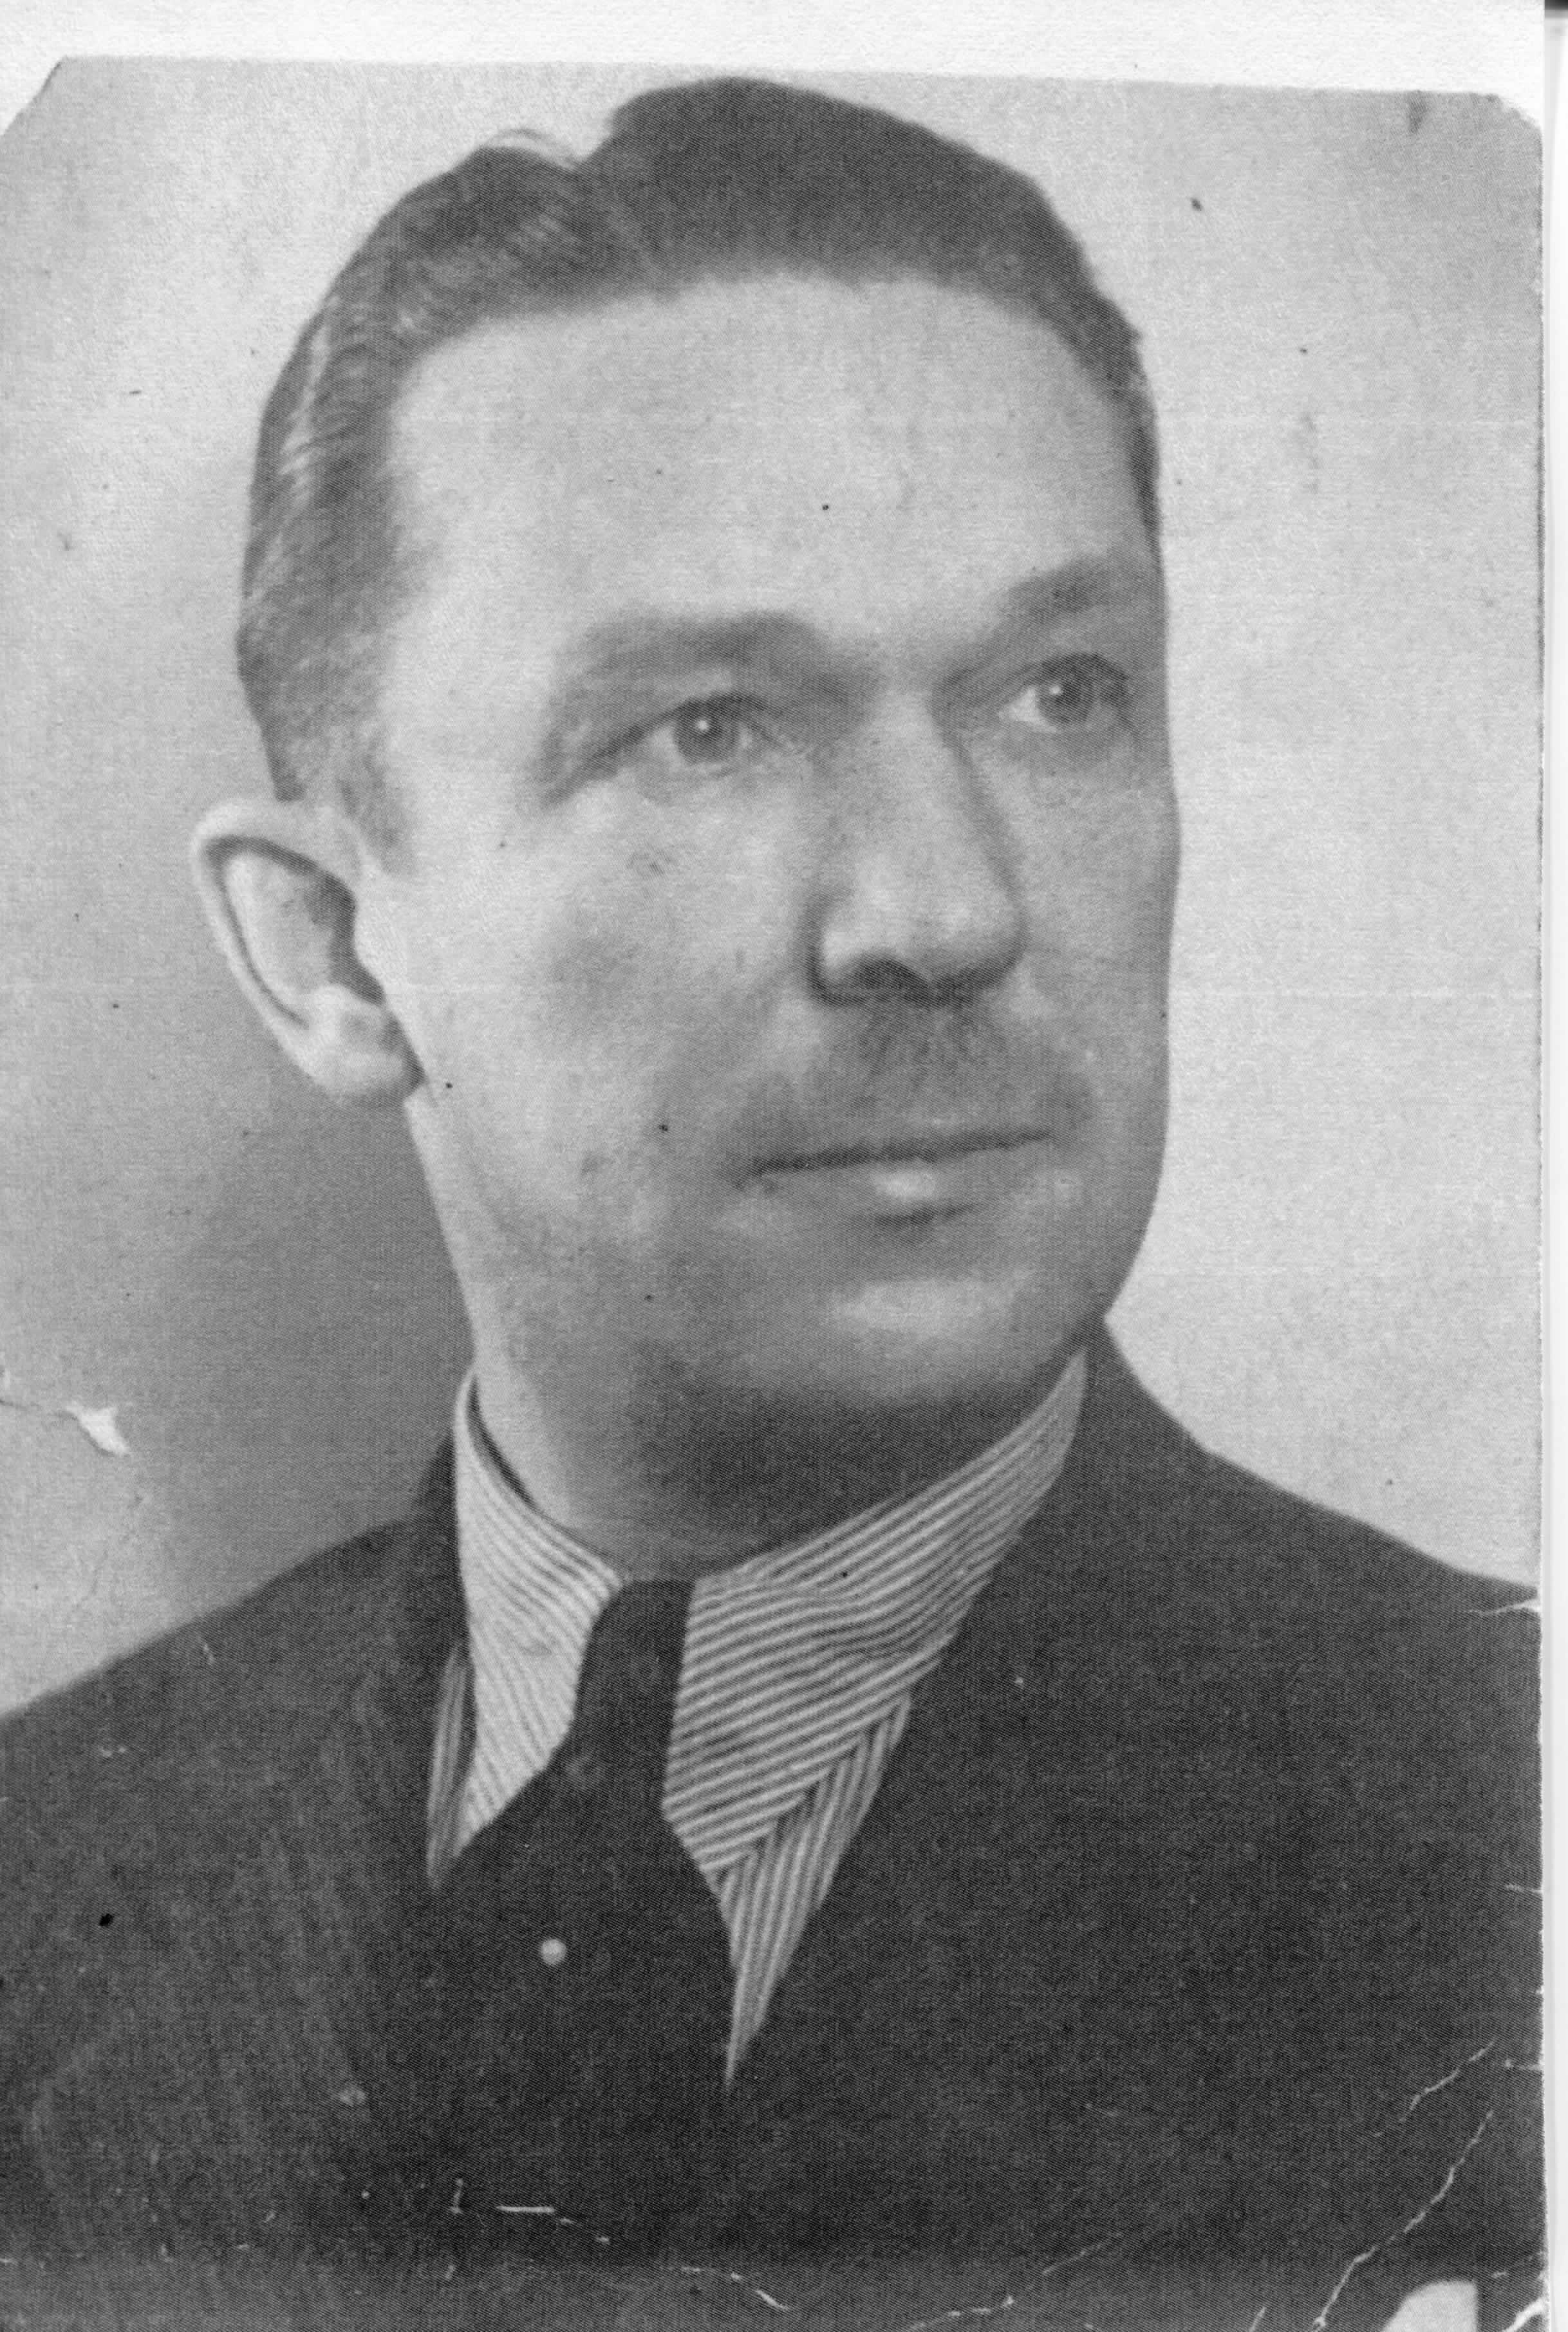 Christian Friedrich Buschmann